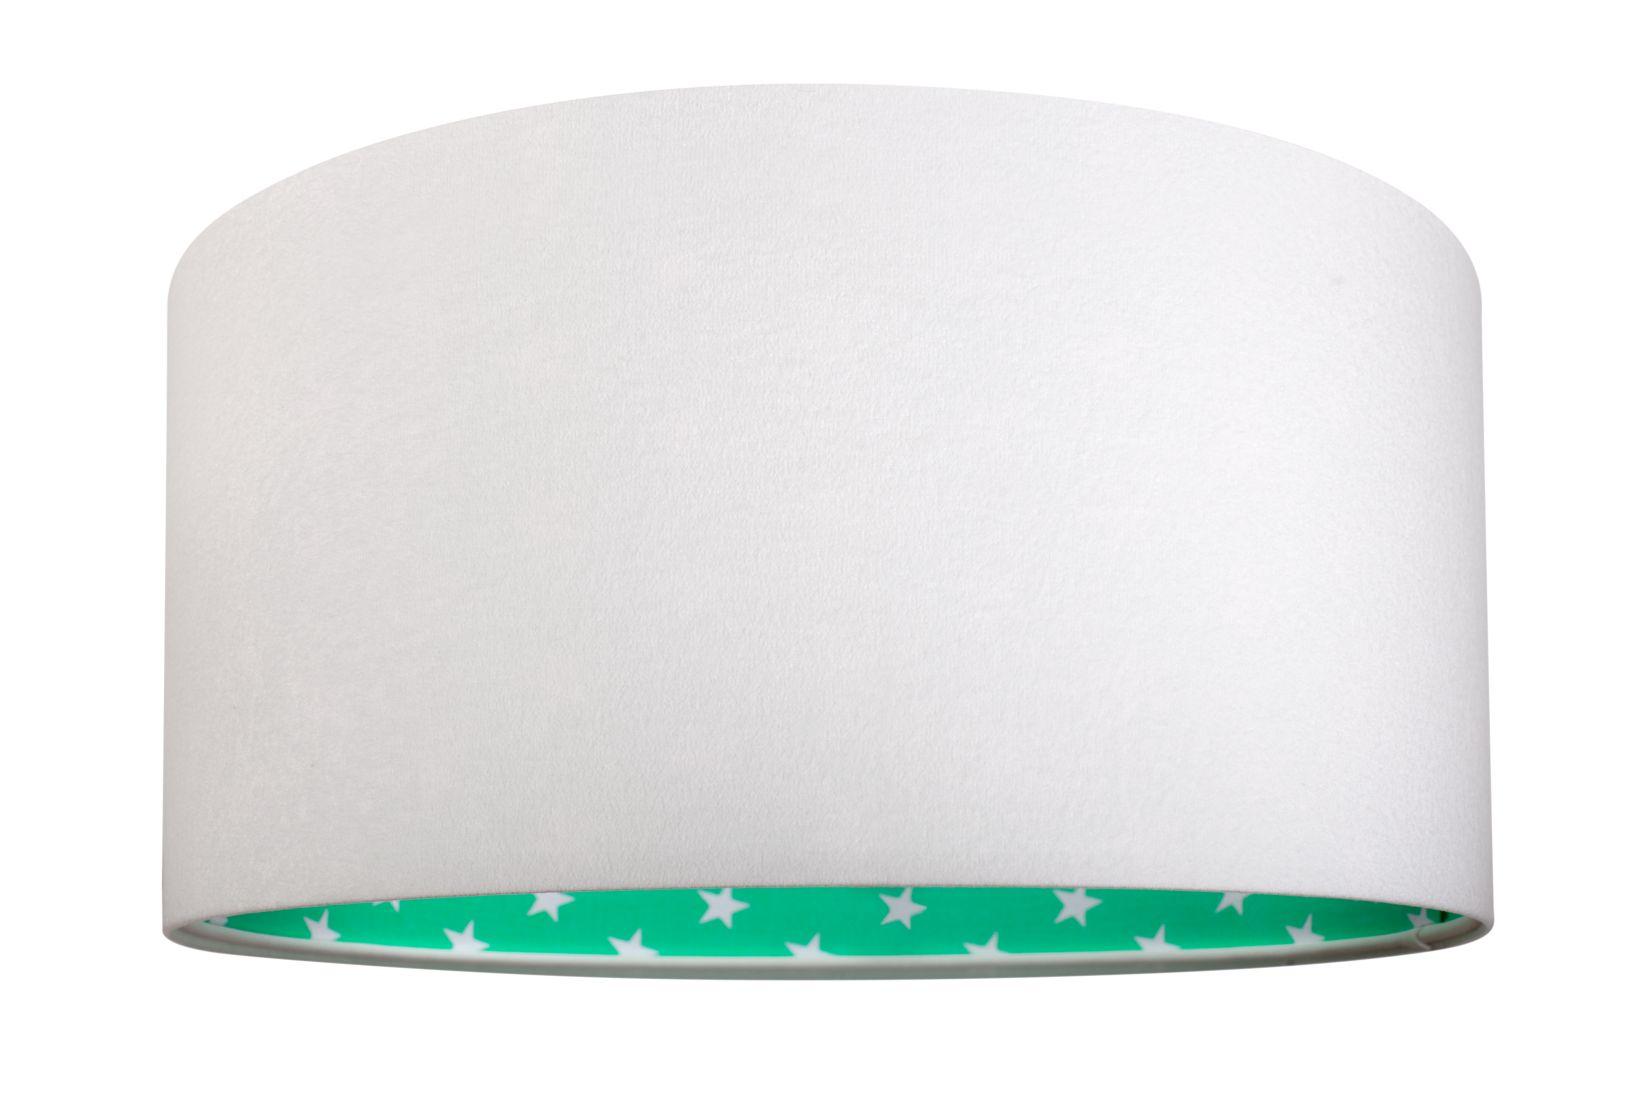 Hängeleuchte Kinderlampe Weiß Grün Stoff BECKA